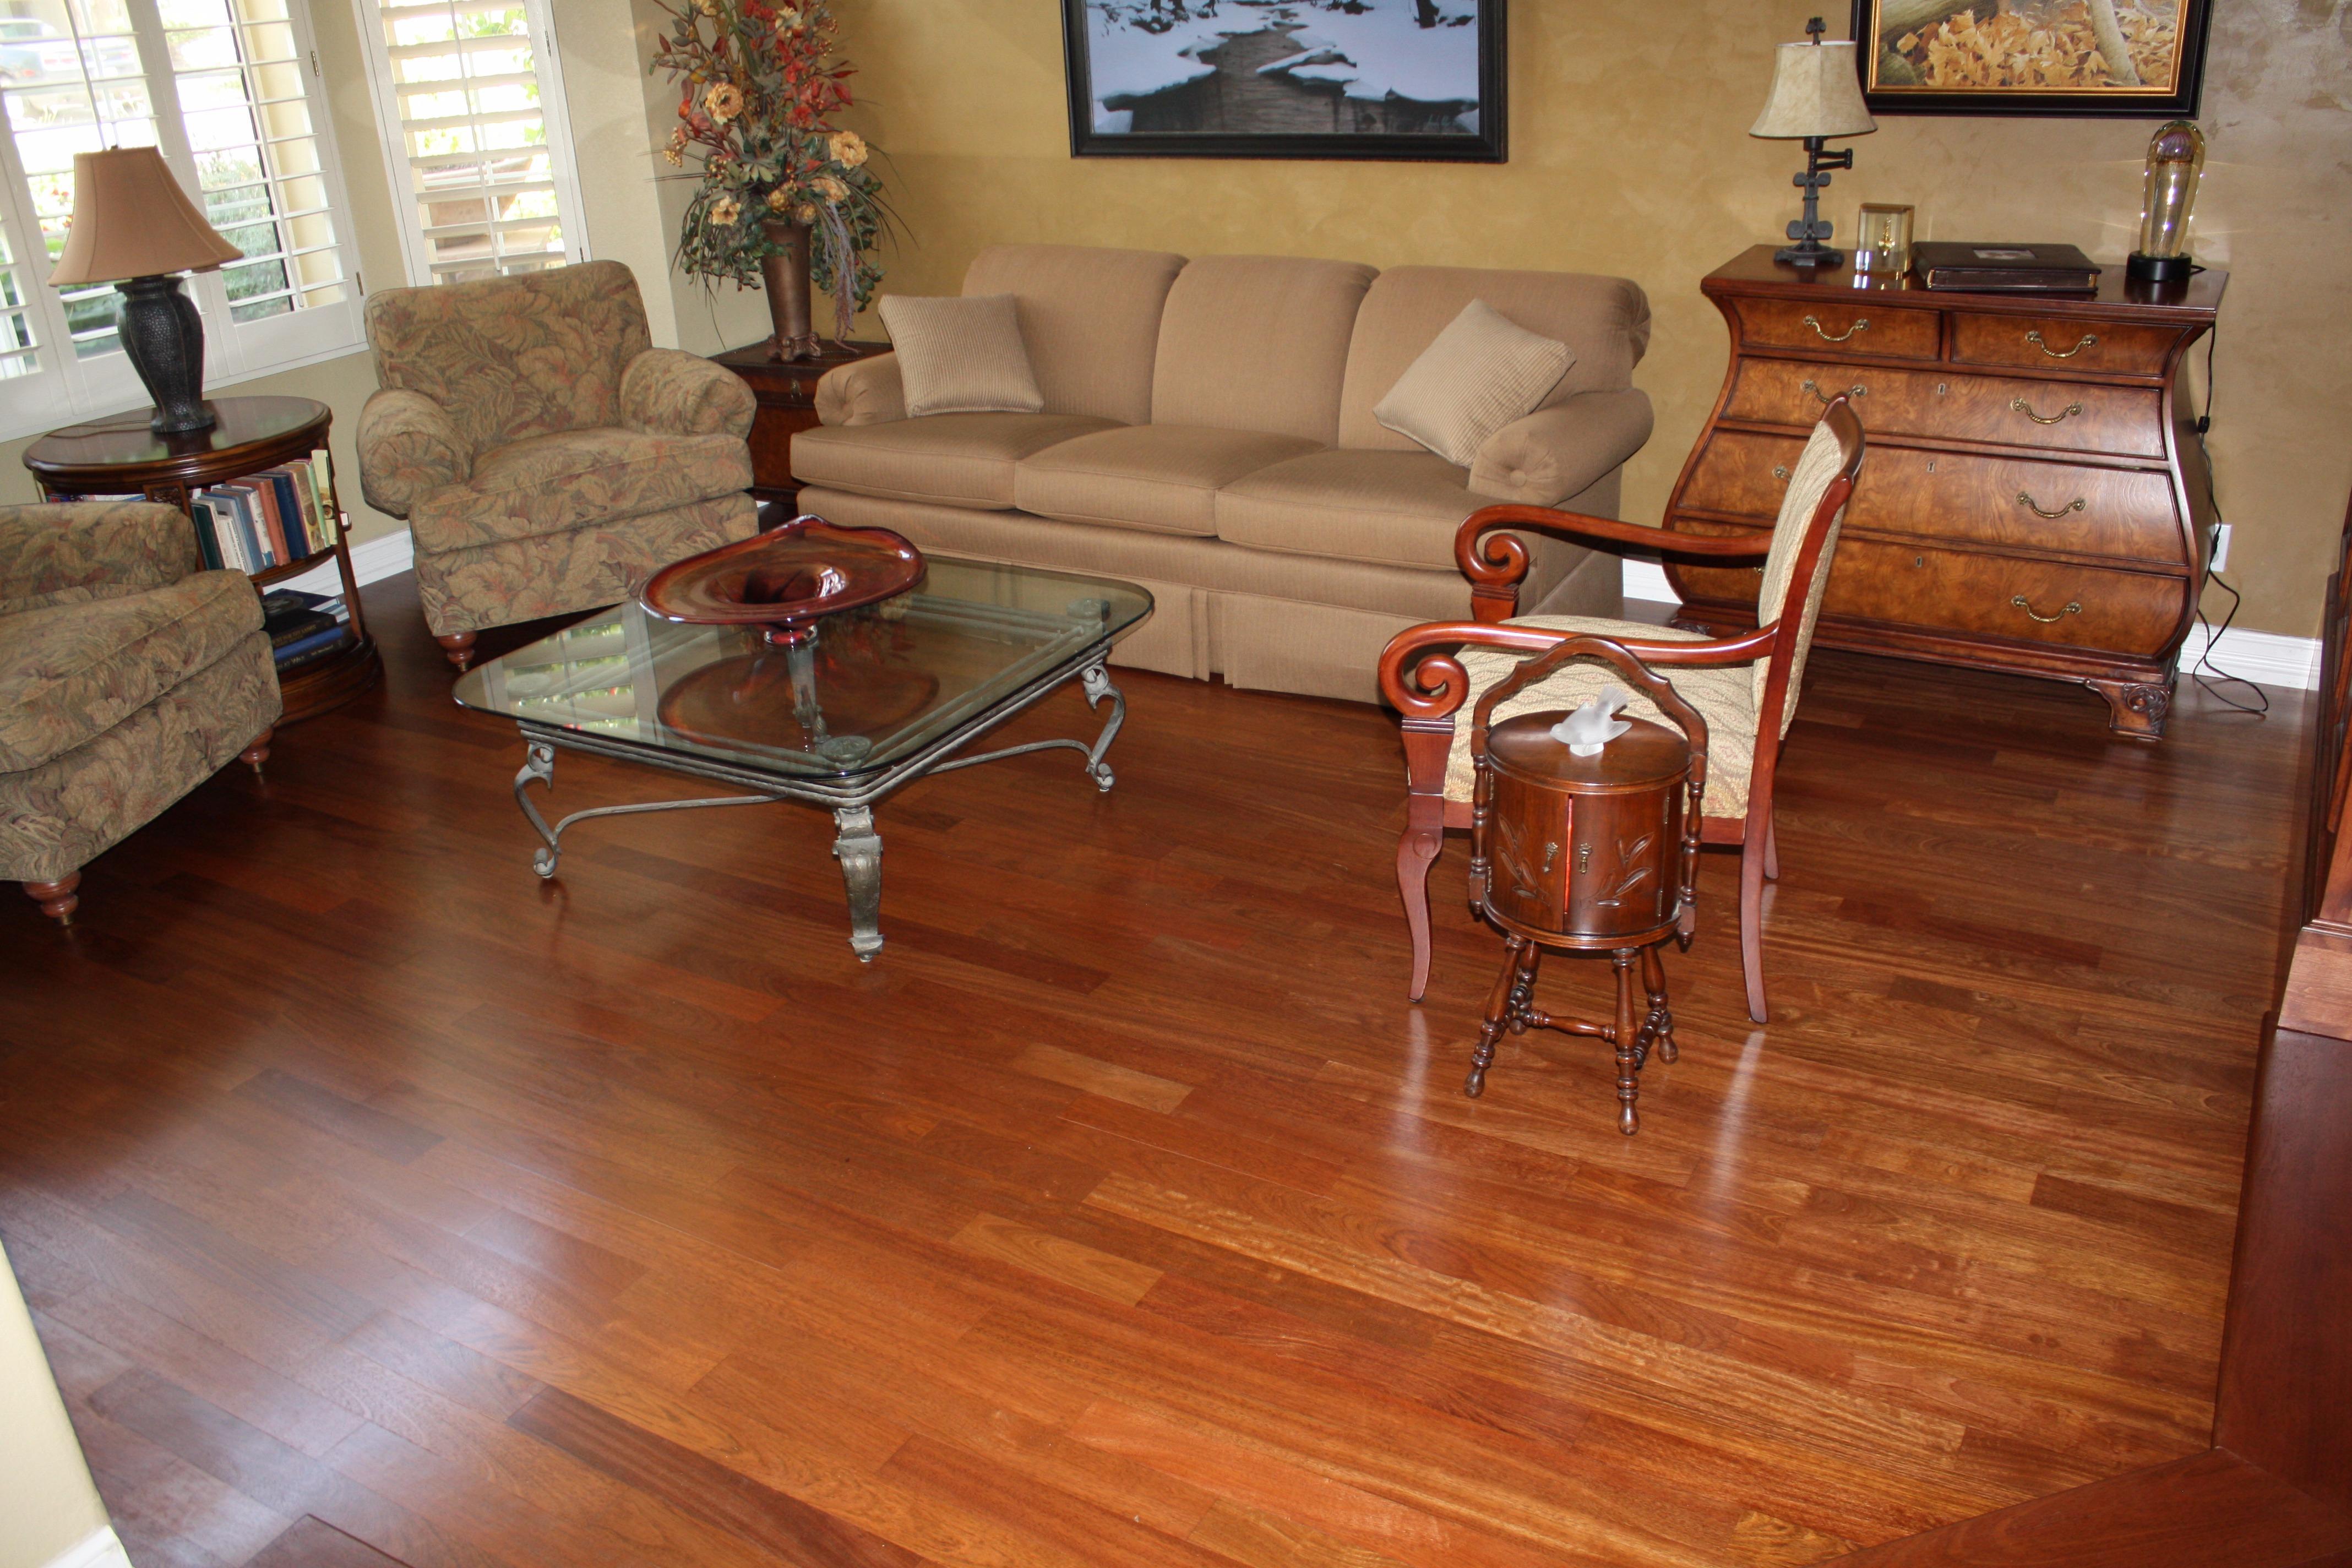 Sharp Wood Floors image 1